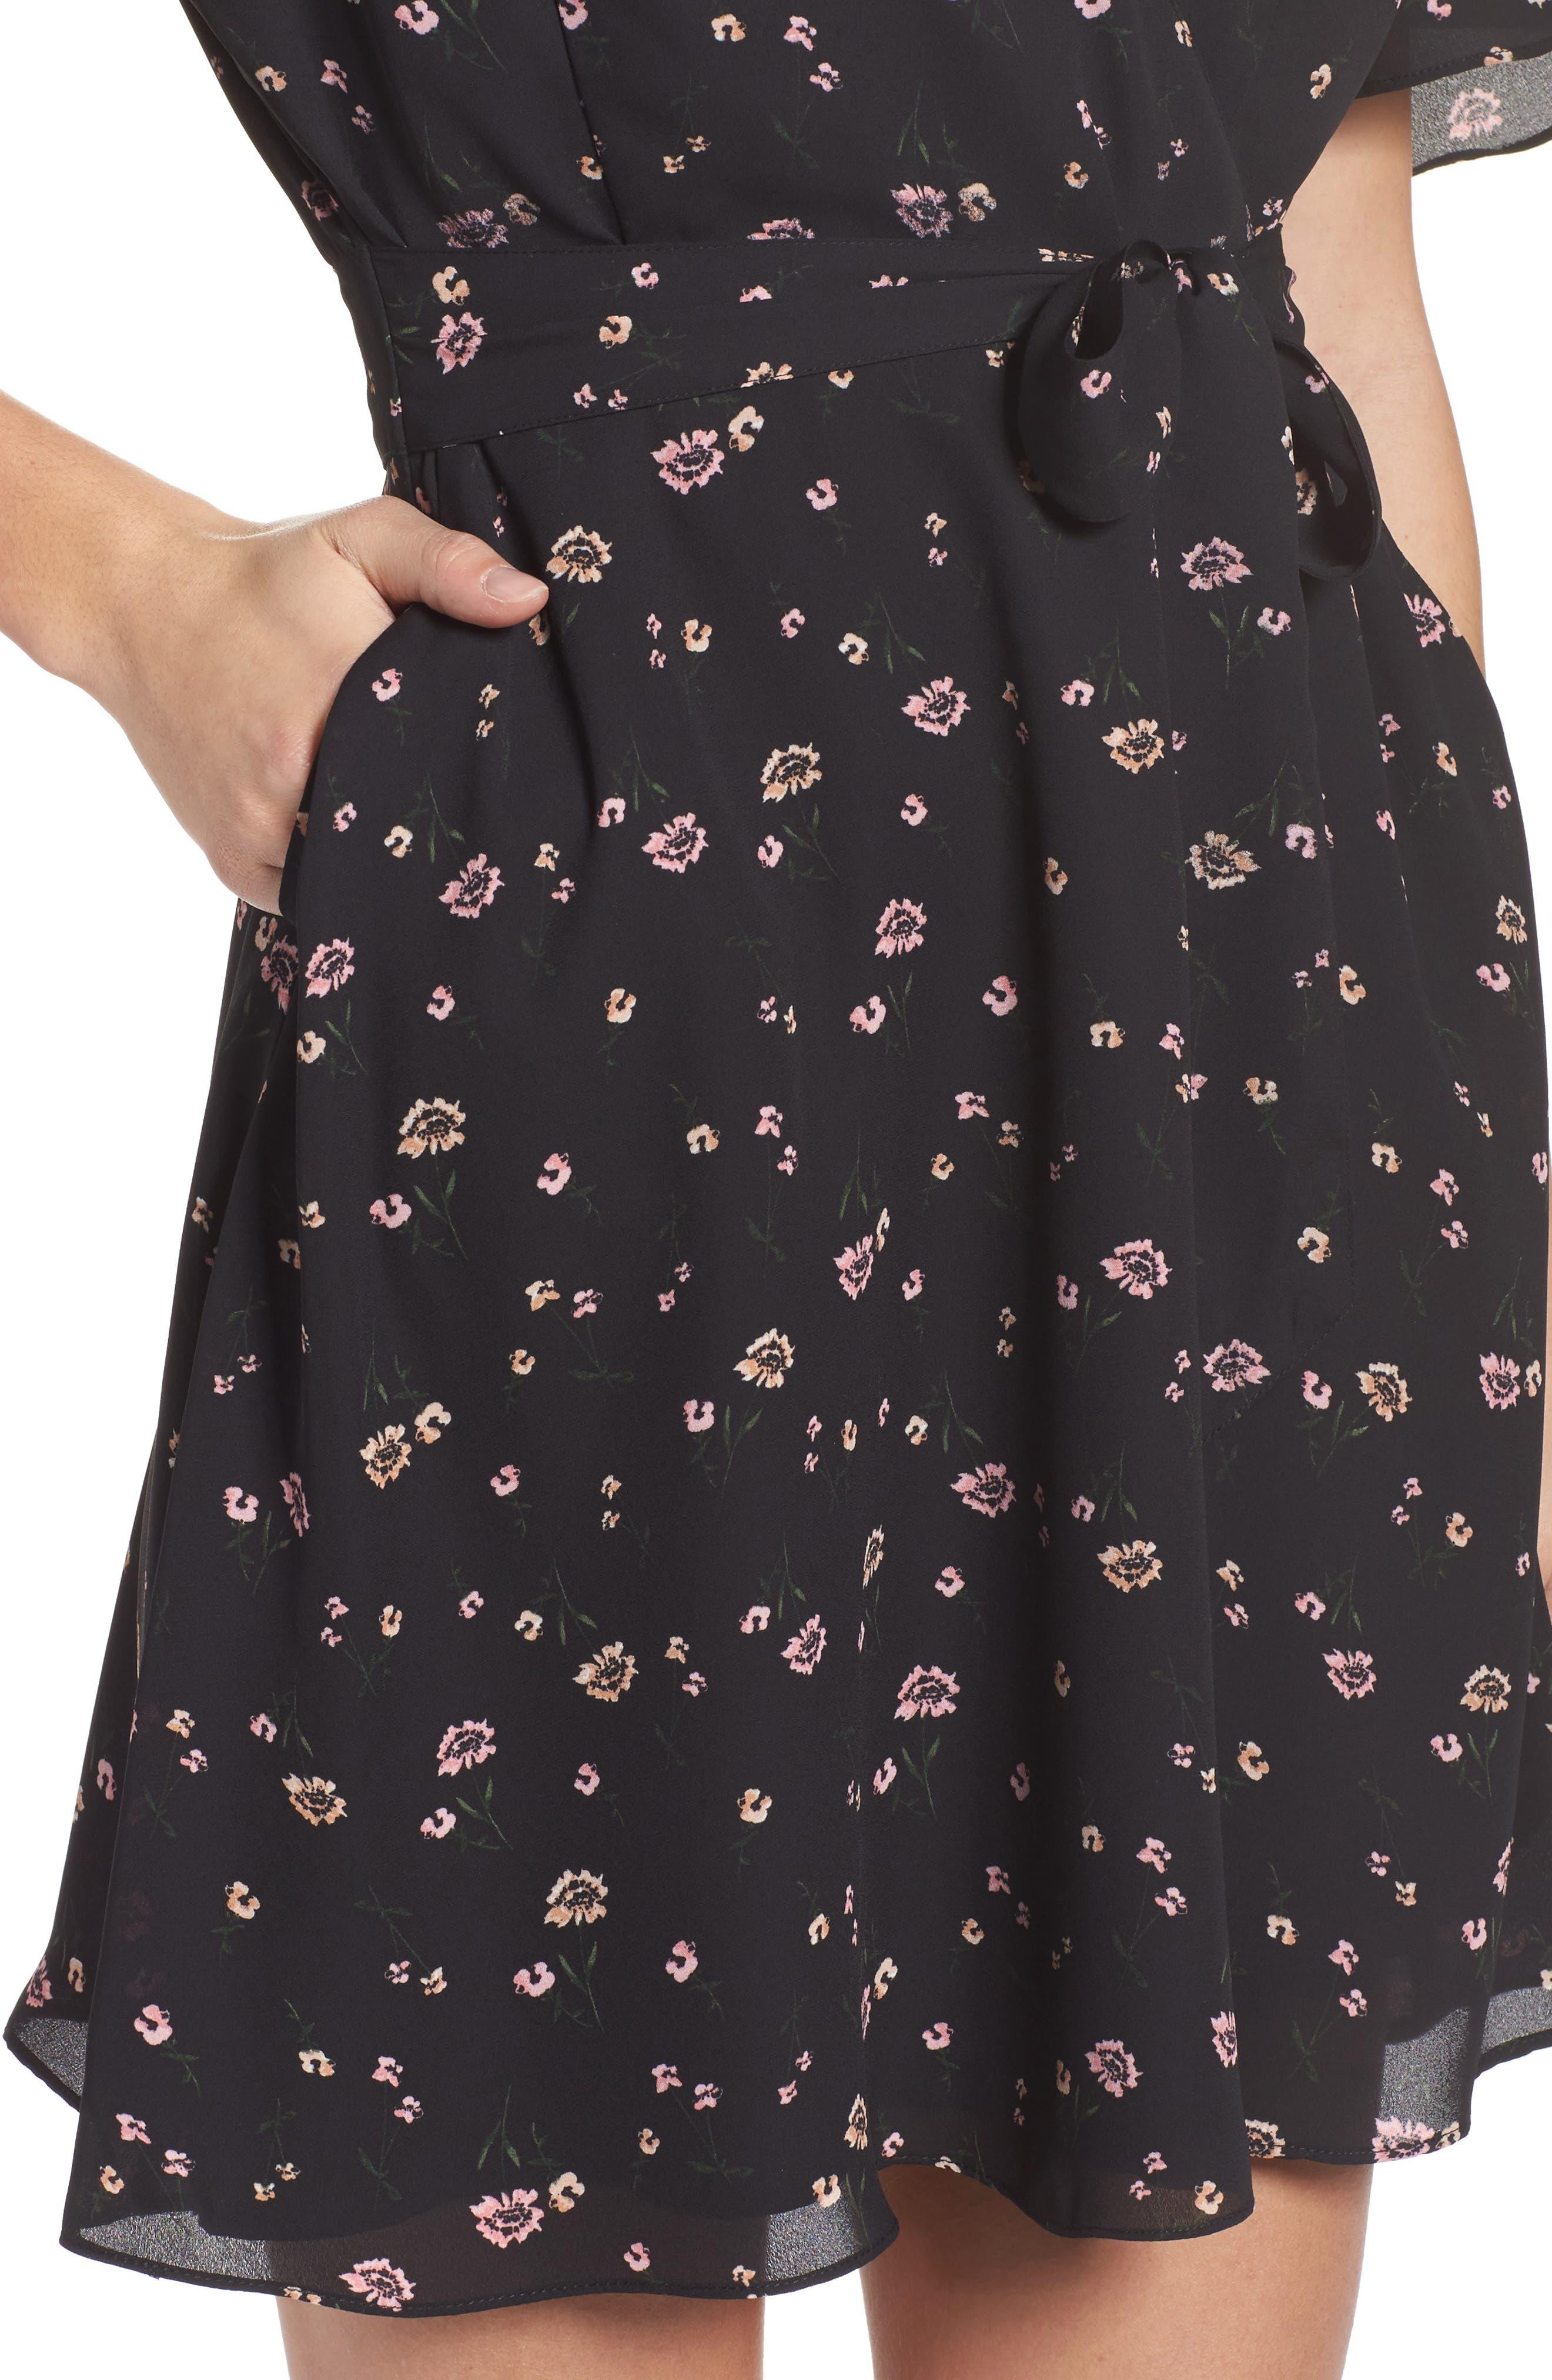 Lettie Dress,                             Alternate thumbnail 4, color,                             Black